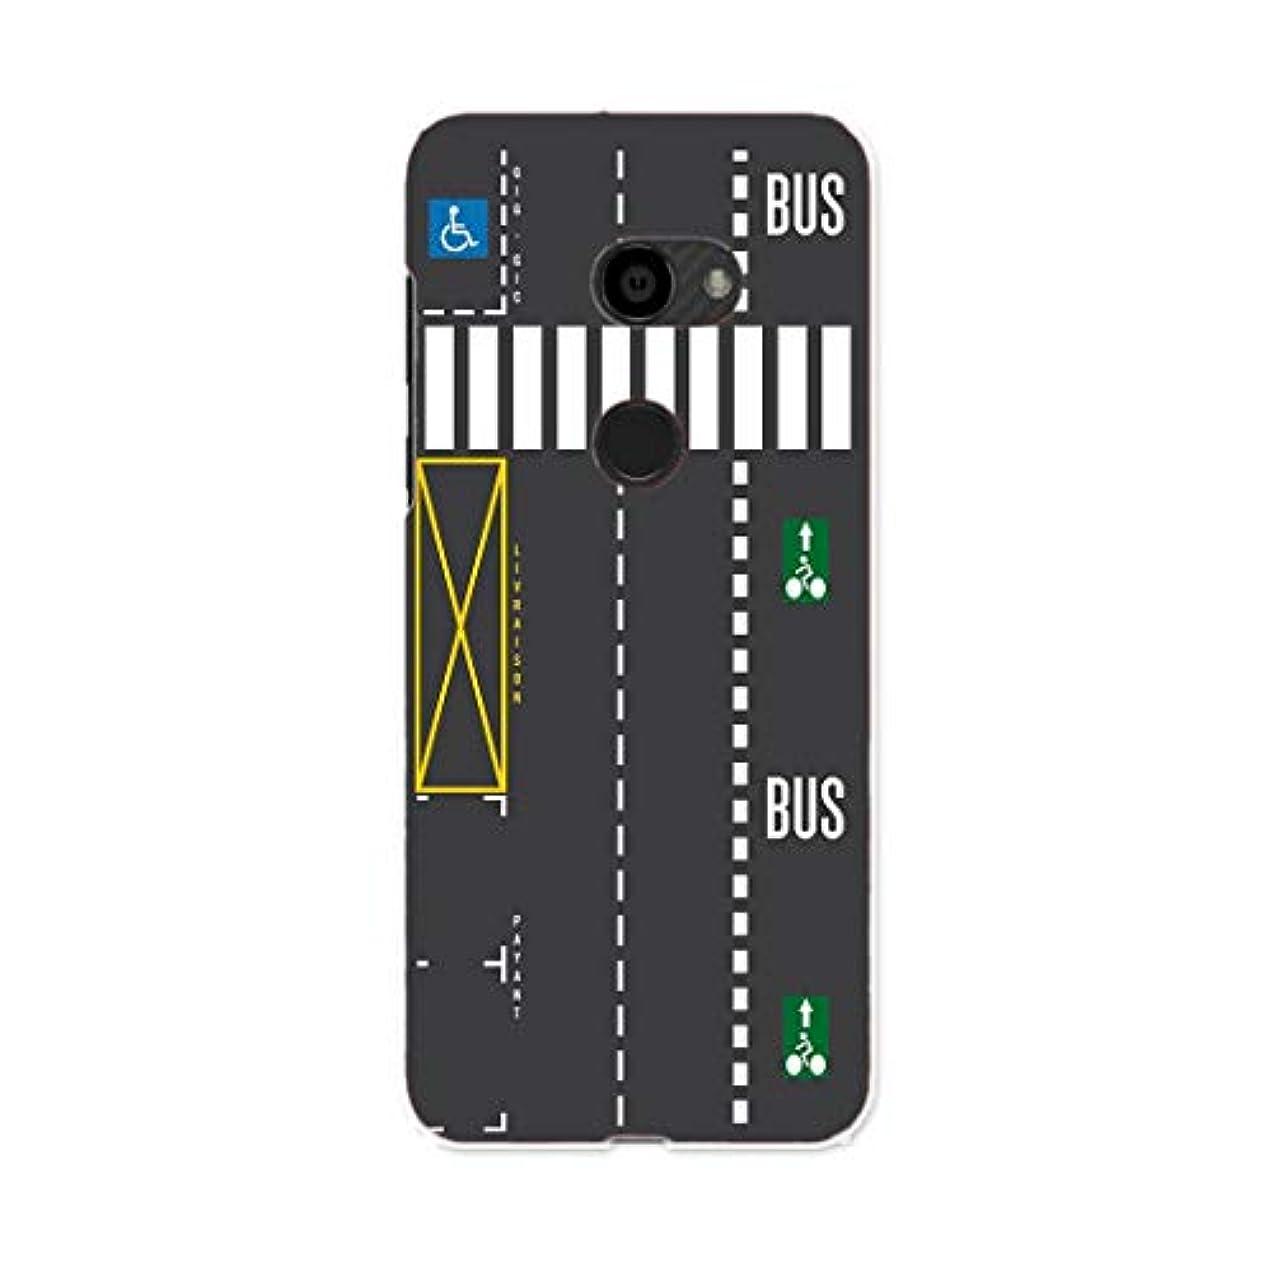 タヒチコンパス有料igcase AQUOS zero 801sh 専用ハードケース スマホカバー カバー ケース pc ハードケース ユニーク 車道 道路 005863